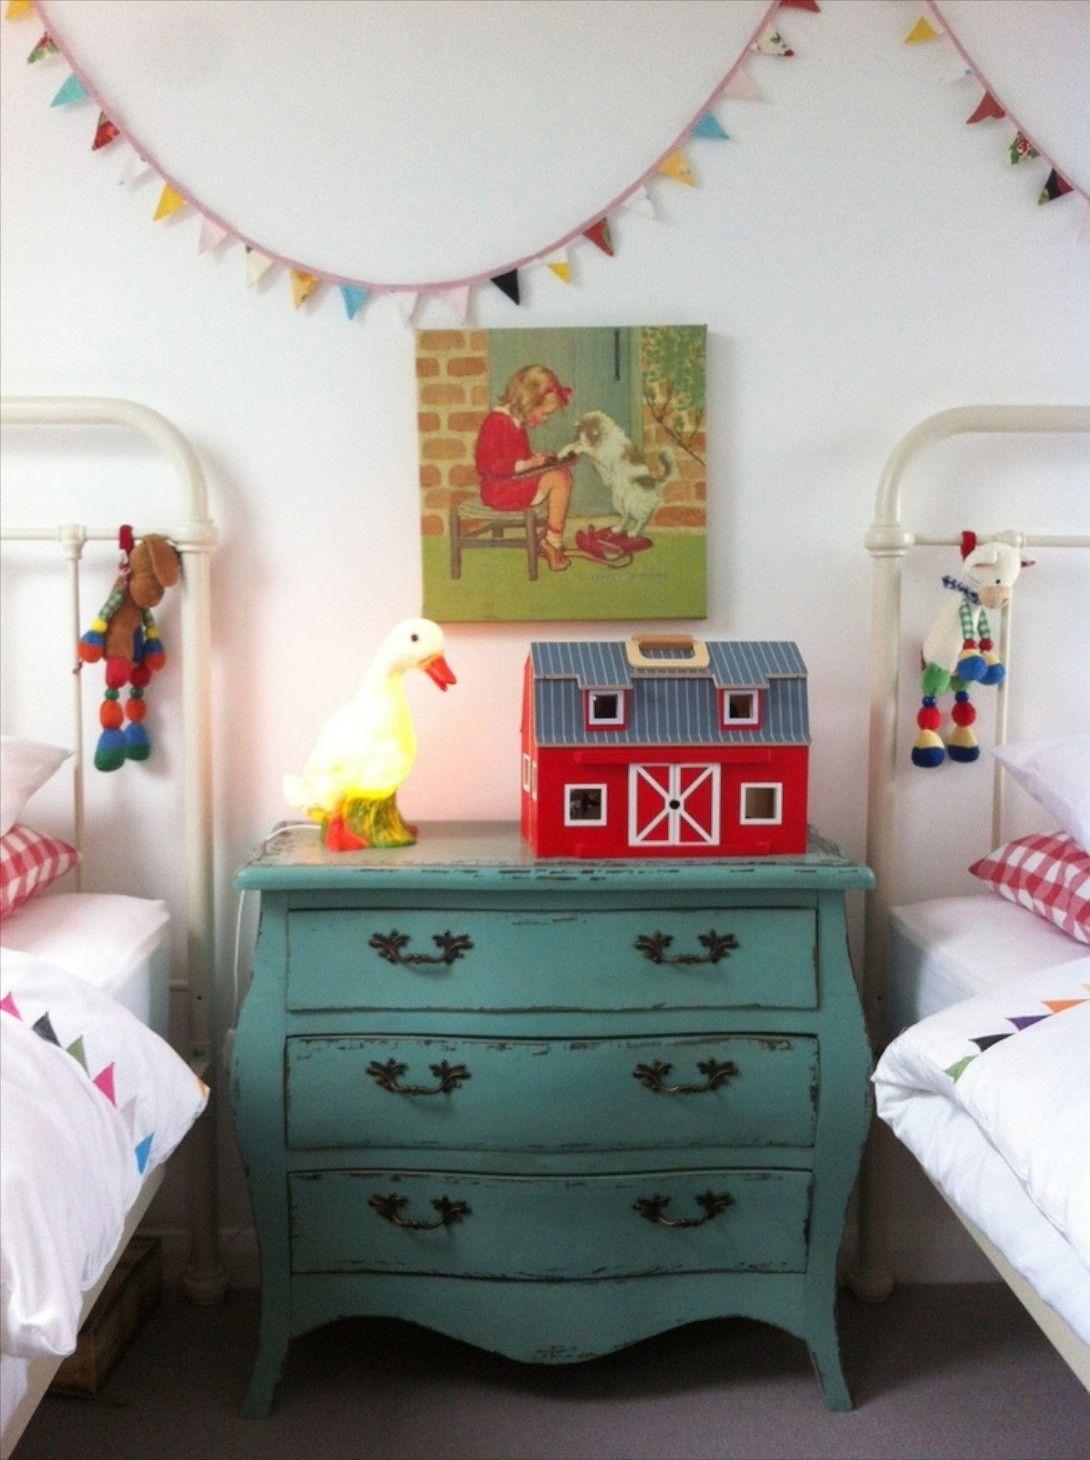 Bedrooms Furnished Vs Decorated Part 2 Vintage Bedroom Decor Shared Girls Room Bedroom Vintage Miscellaneous vintage bedroom decor